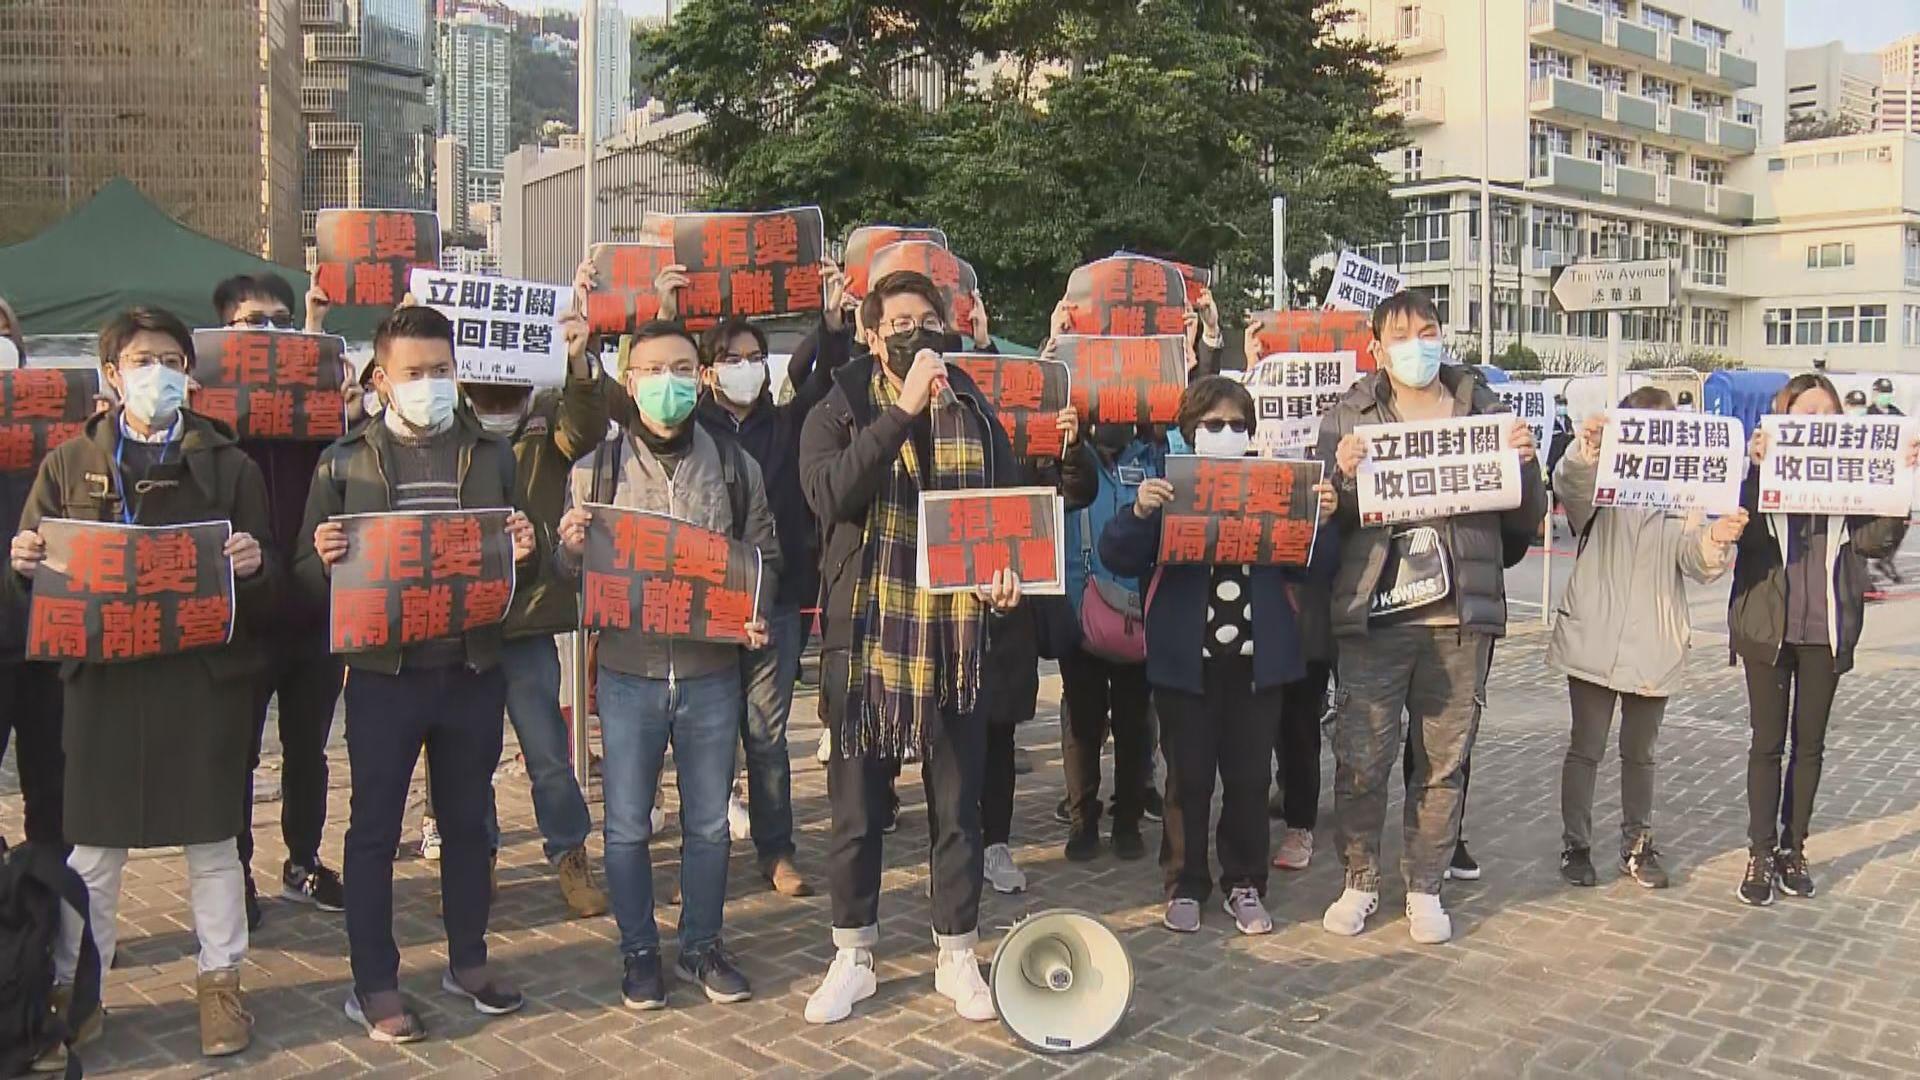 沙田居民行會請願反對駿洋邨作檢疫中心